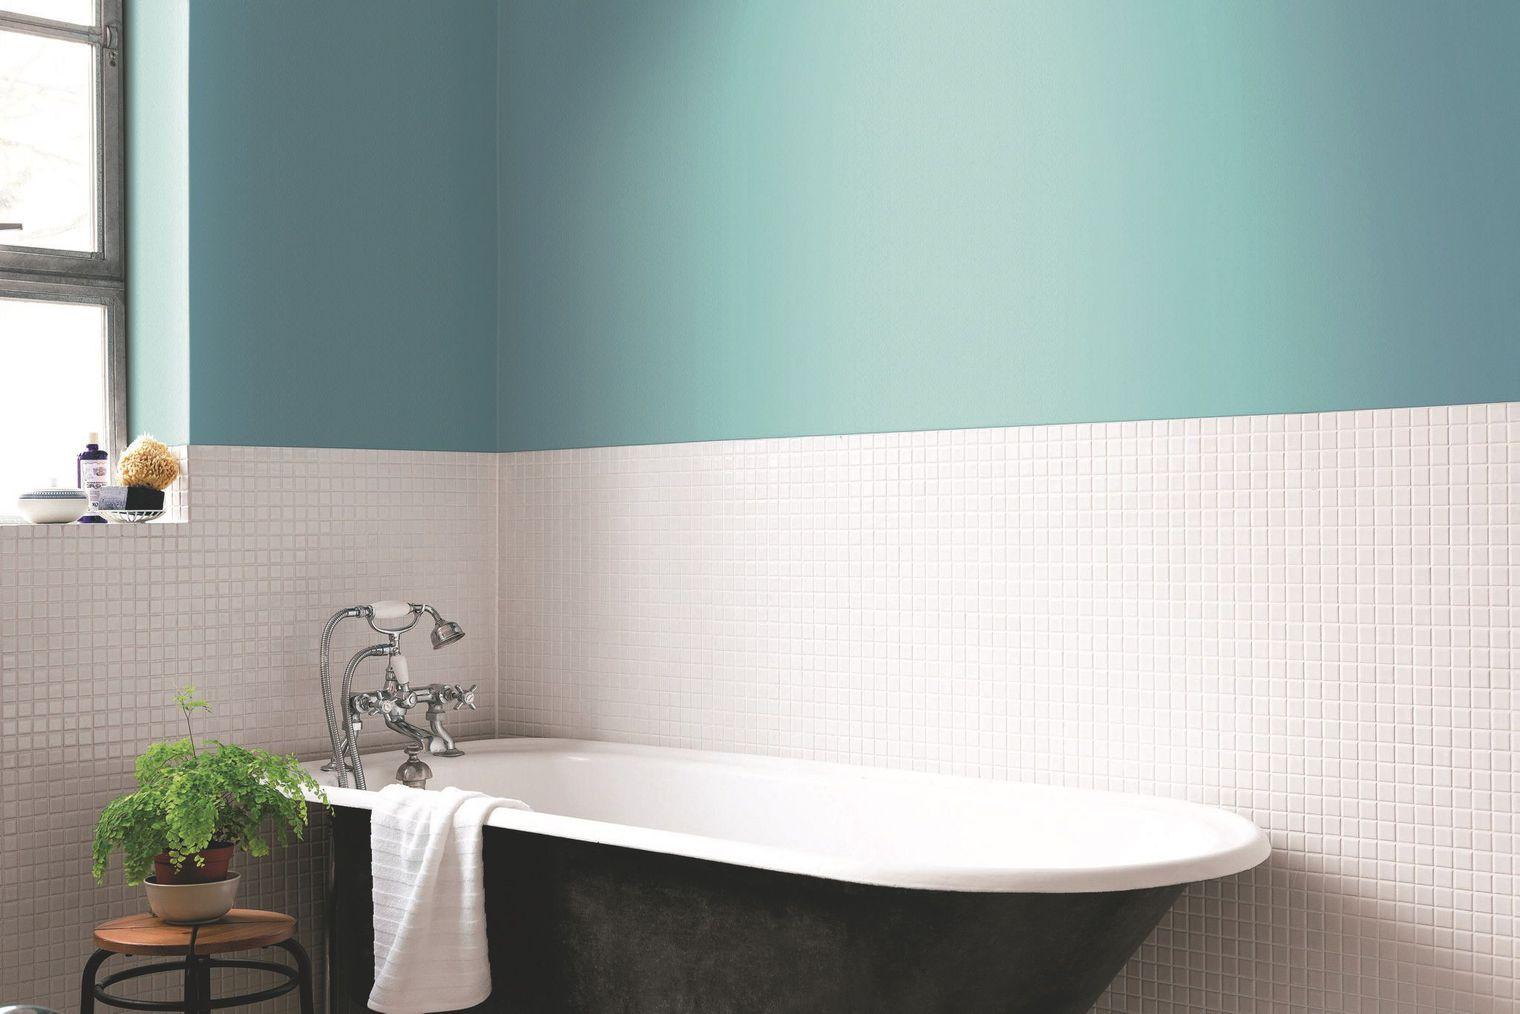 Peinture salle de bain avec carrelage blanc - Atwebster.fr - Maison ...